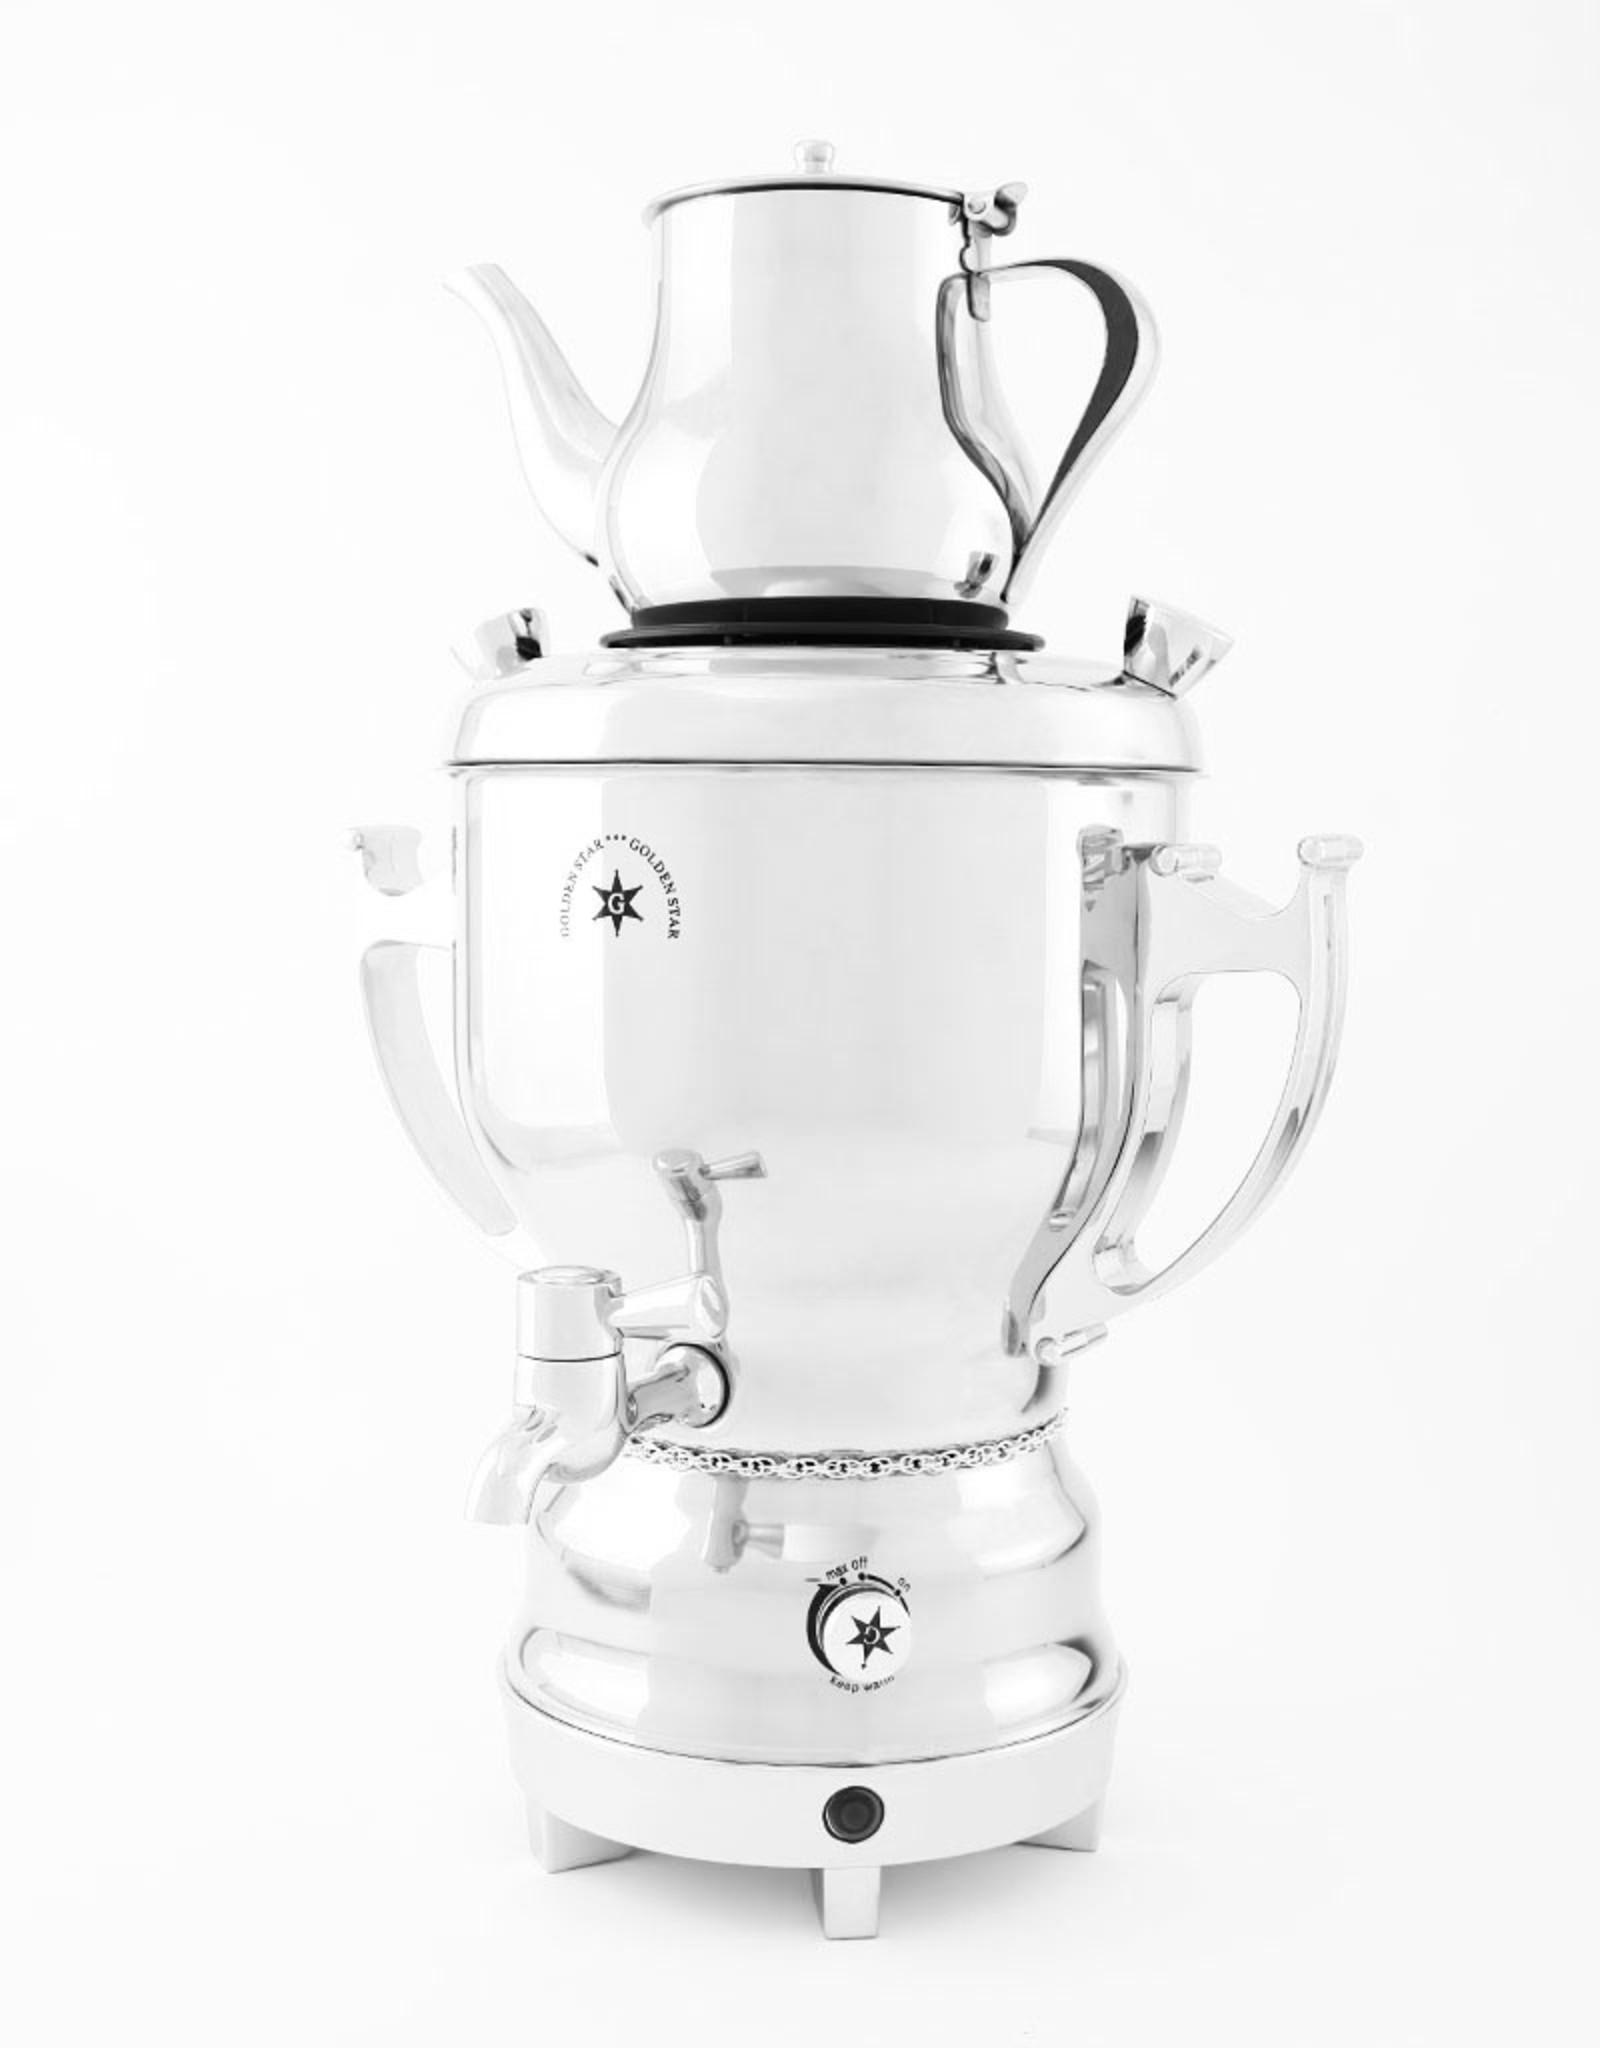 Электрический самовар на 3 литра, серебряный